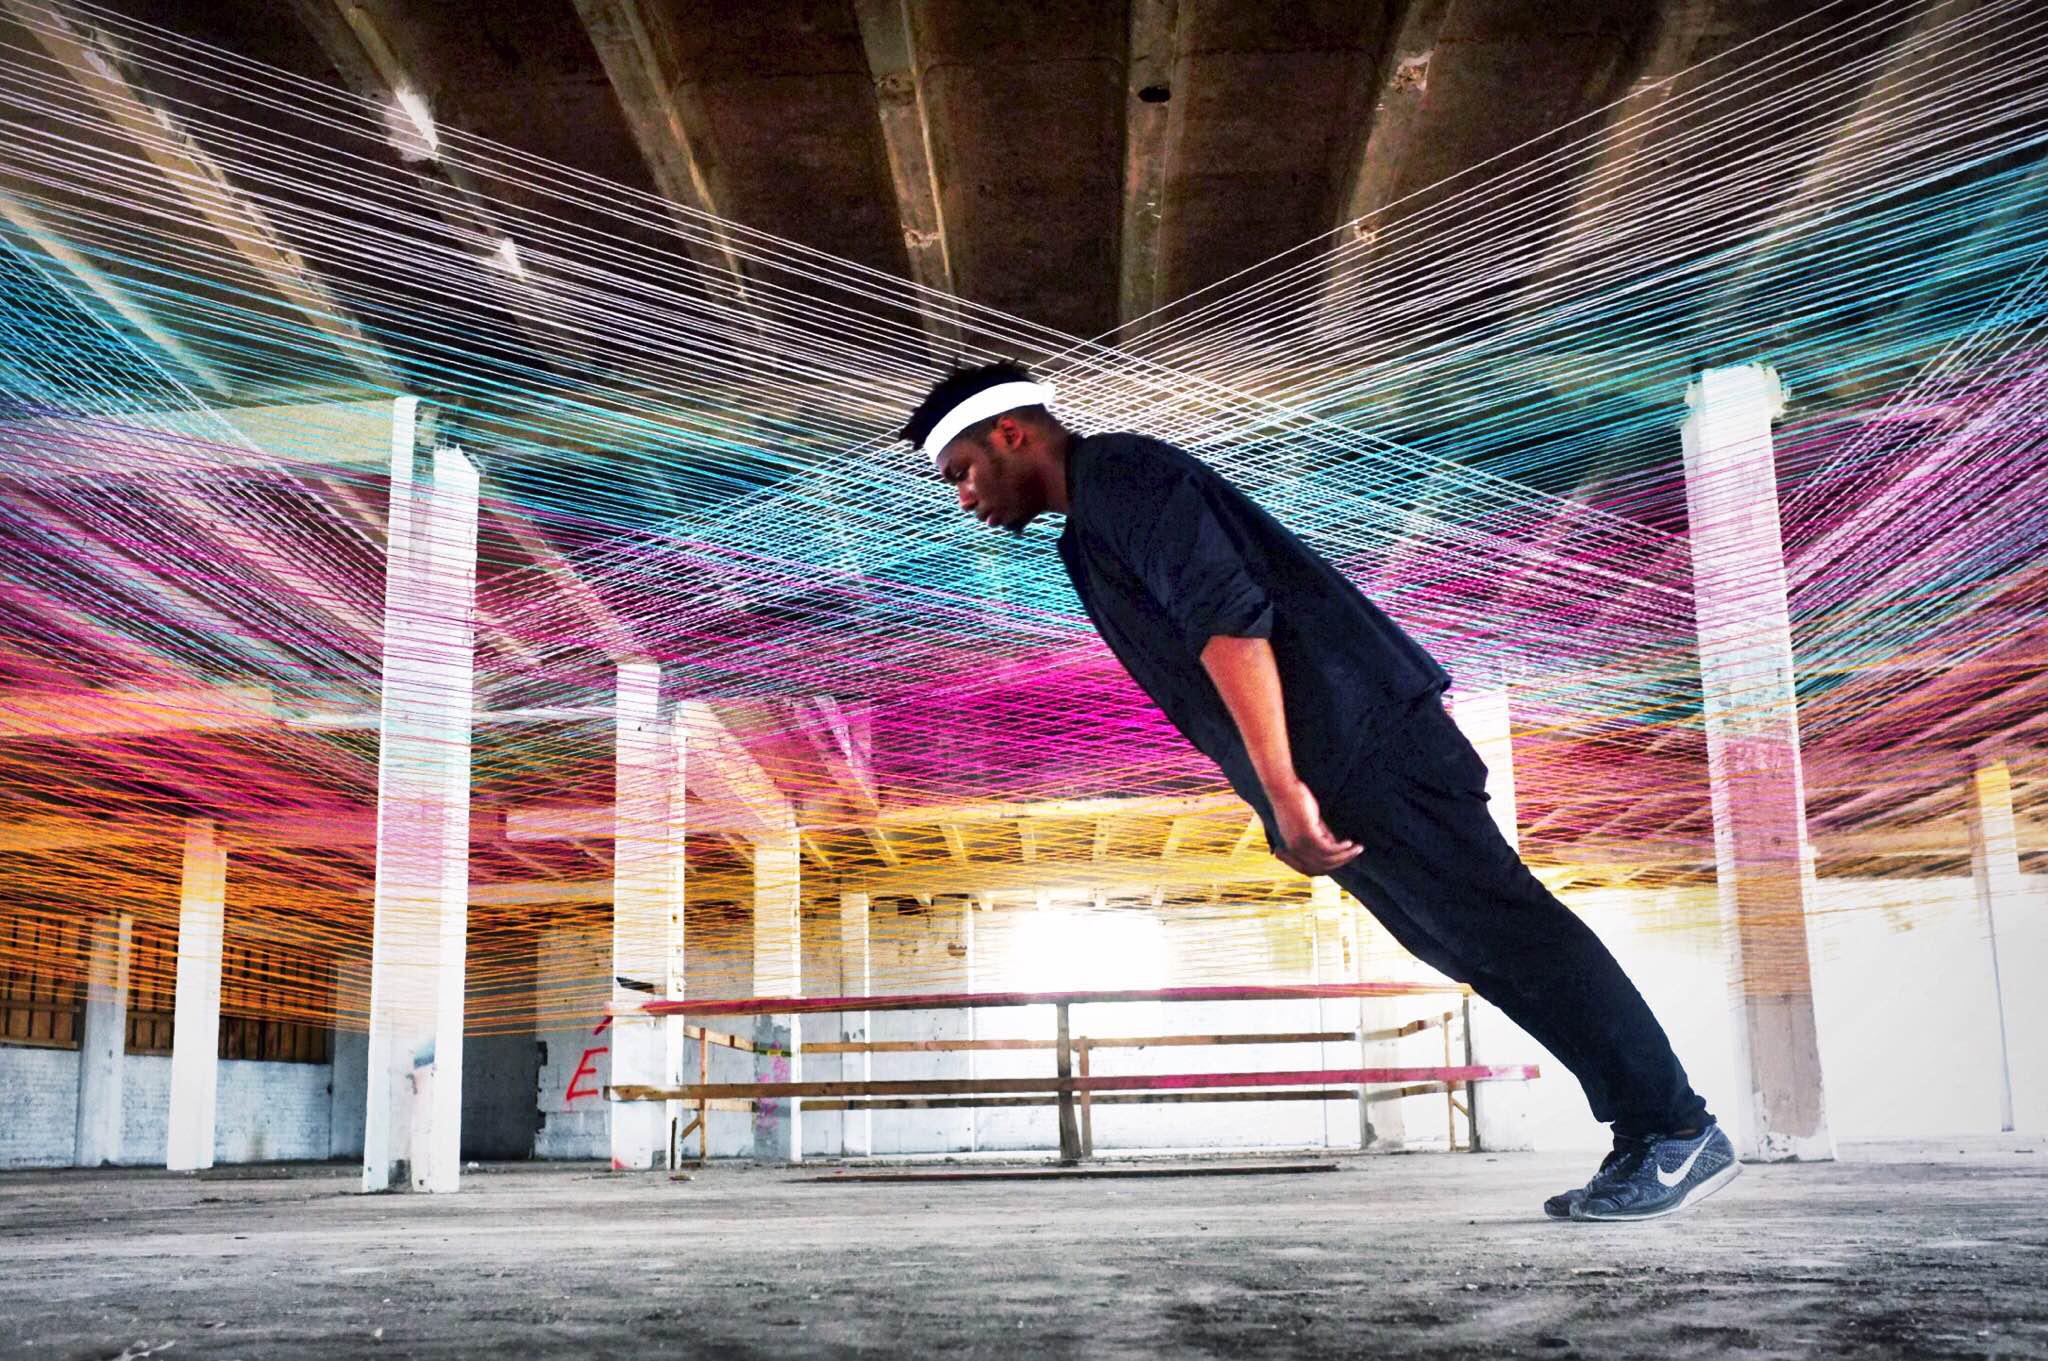 Synth, l'installazione del duo artistico Toki | Collater.al